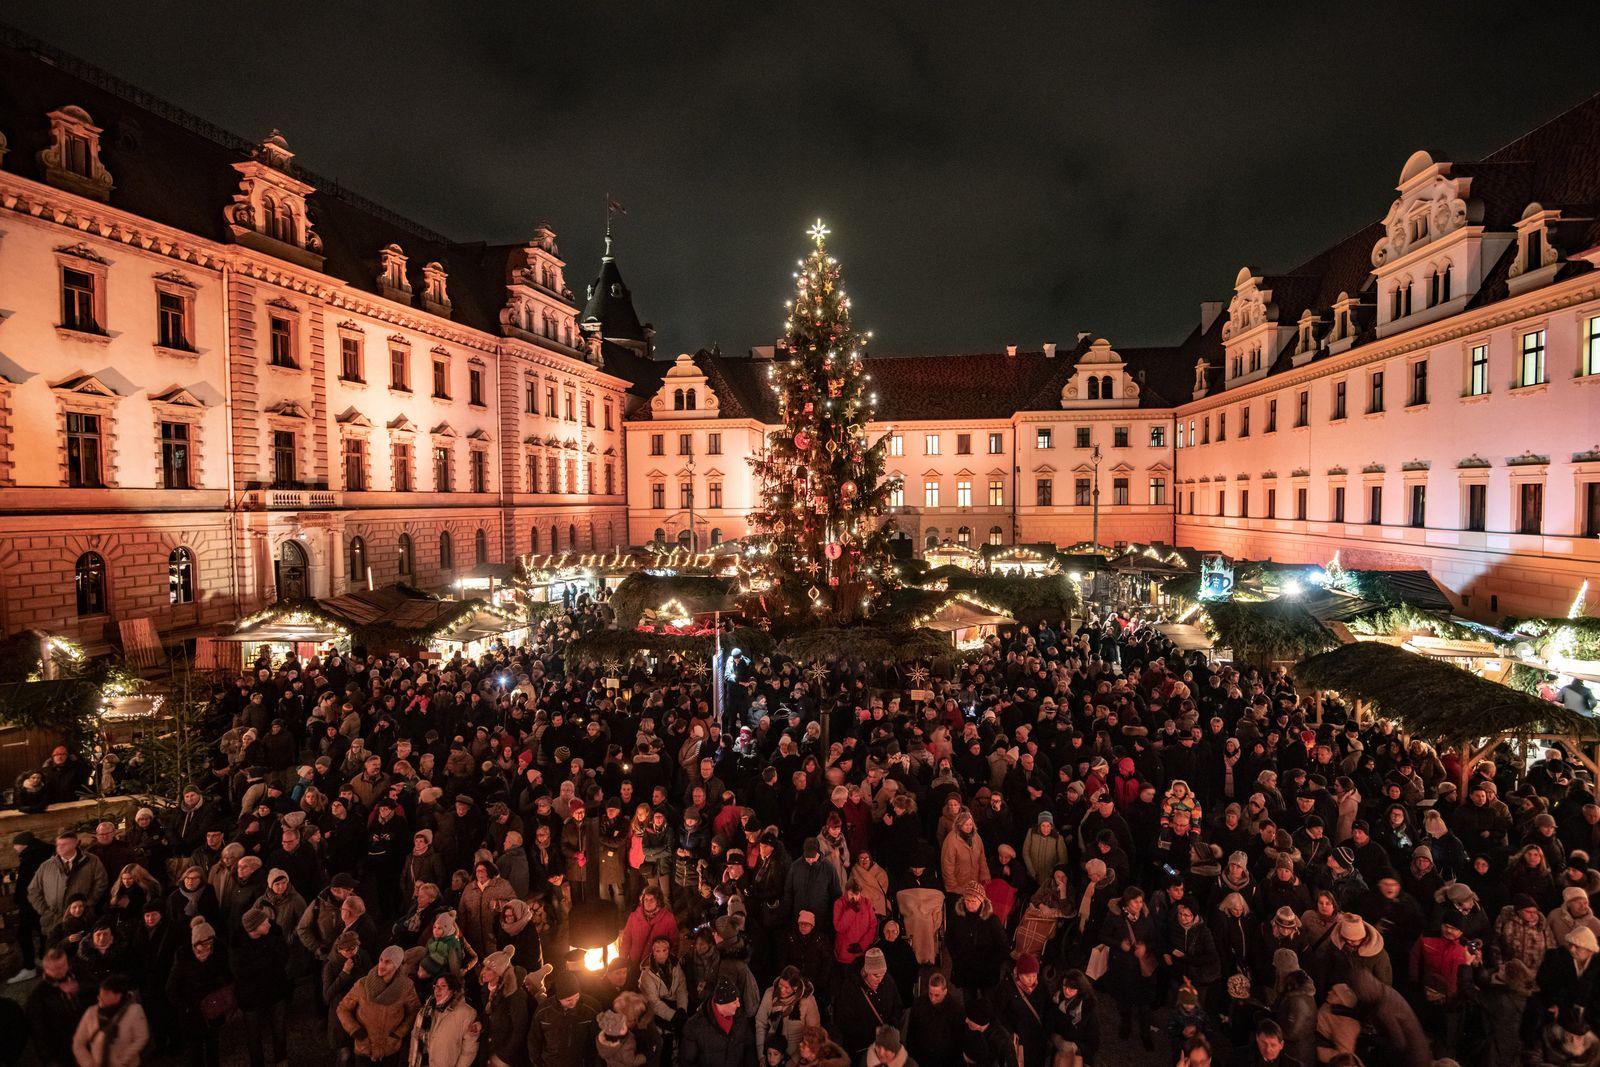 Weihnachten/ Dekoration/ Weihnachtsschmuck/ Weihnachtsdeko